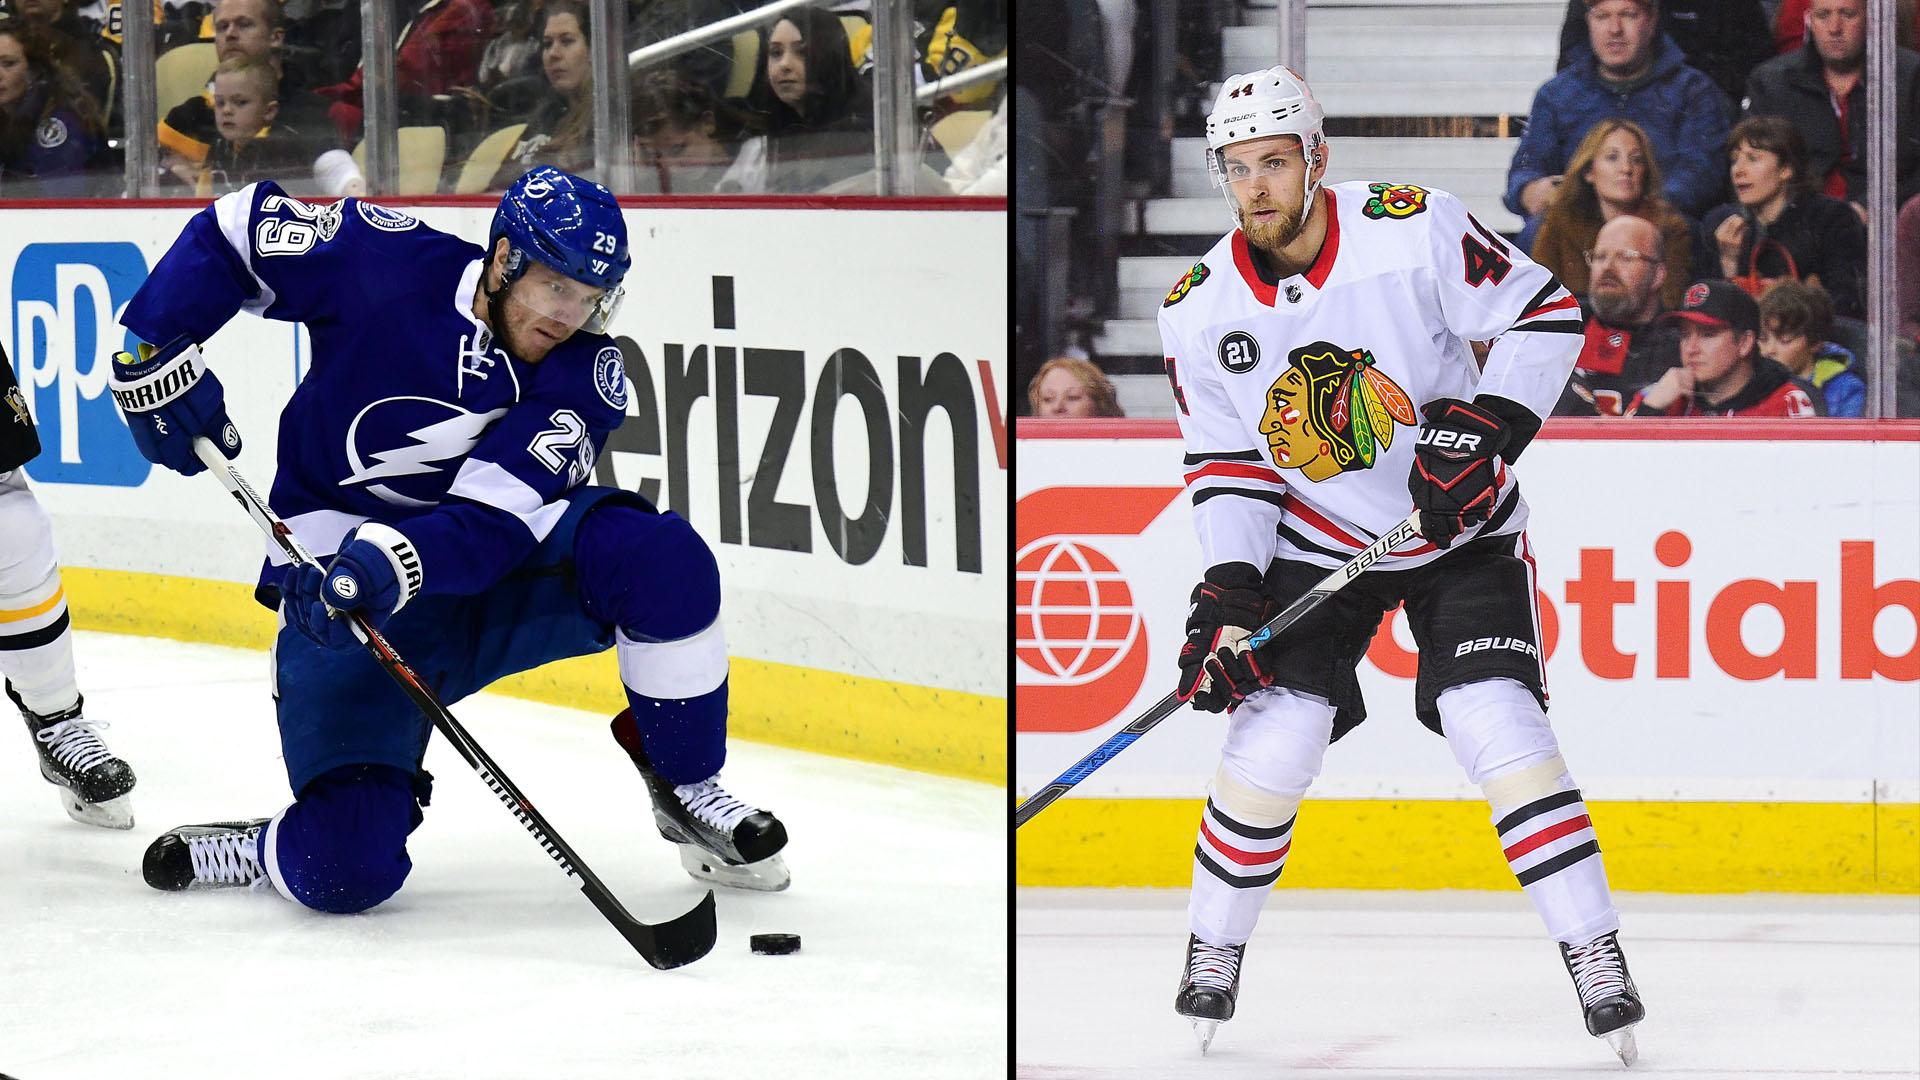 NHL trade news: Lightning acquire Jan Rutta from Blackhawks for Slater Koekkoek